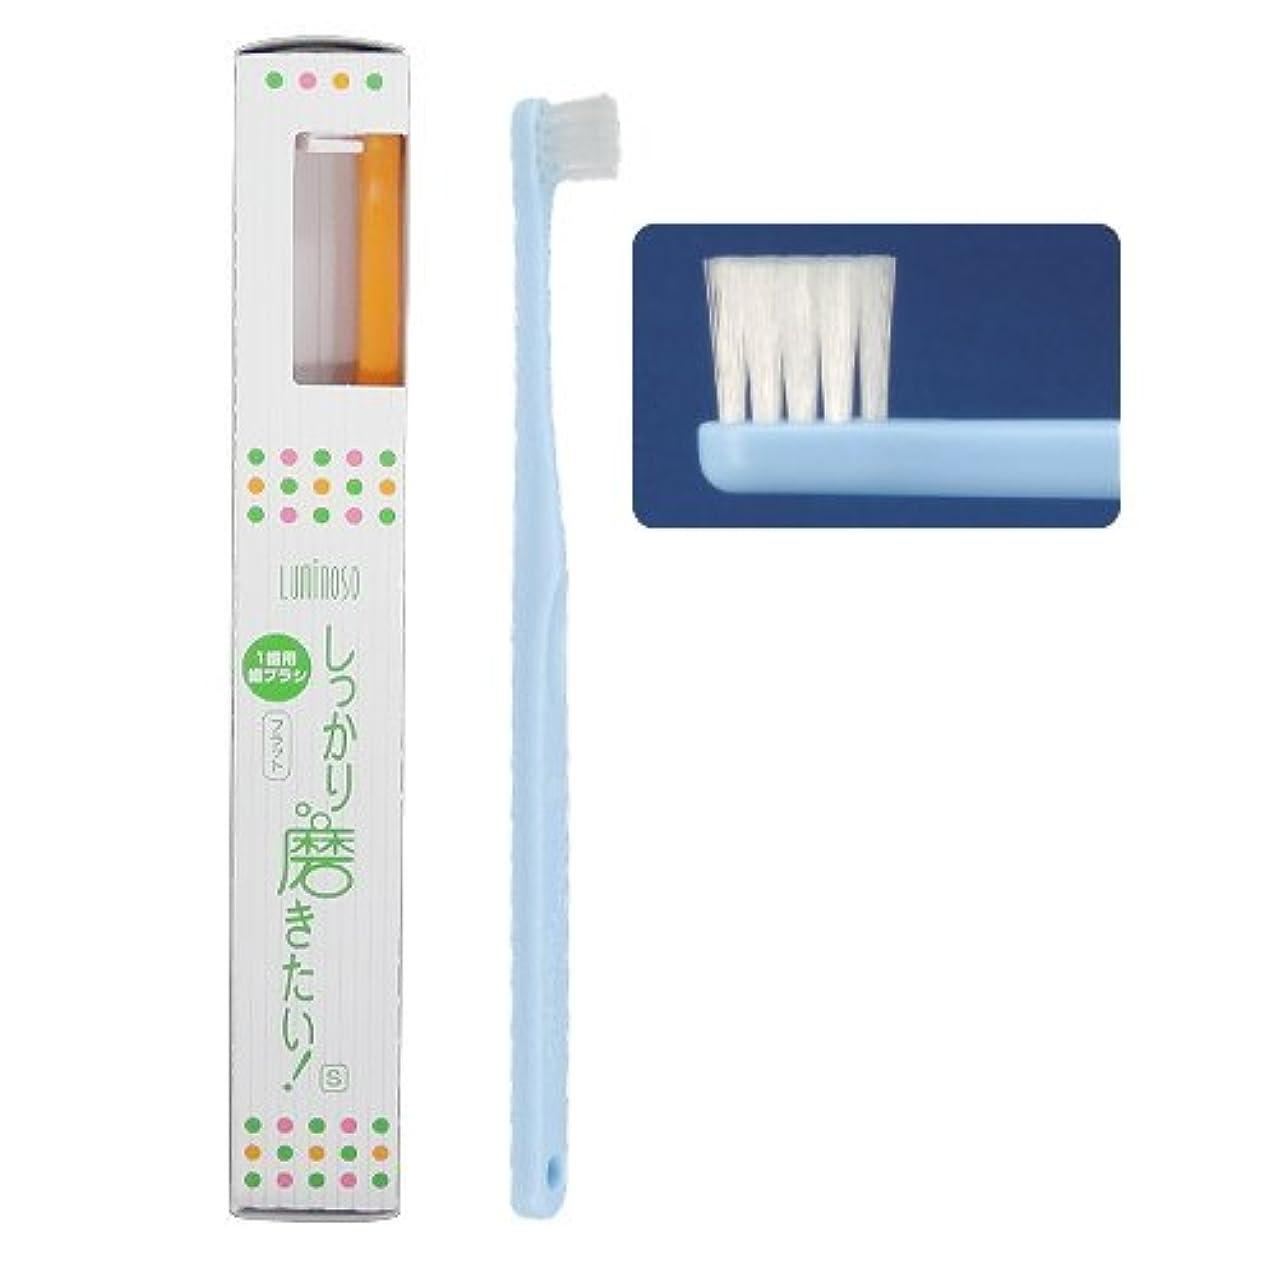 進む連邦ラウンジルミノソ 1歯用歯ブラシ 「しっかり磨きたい!」 フラット ソフト (カラー指定不可) 3本